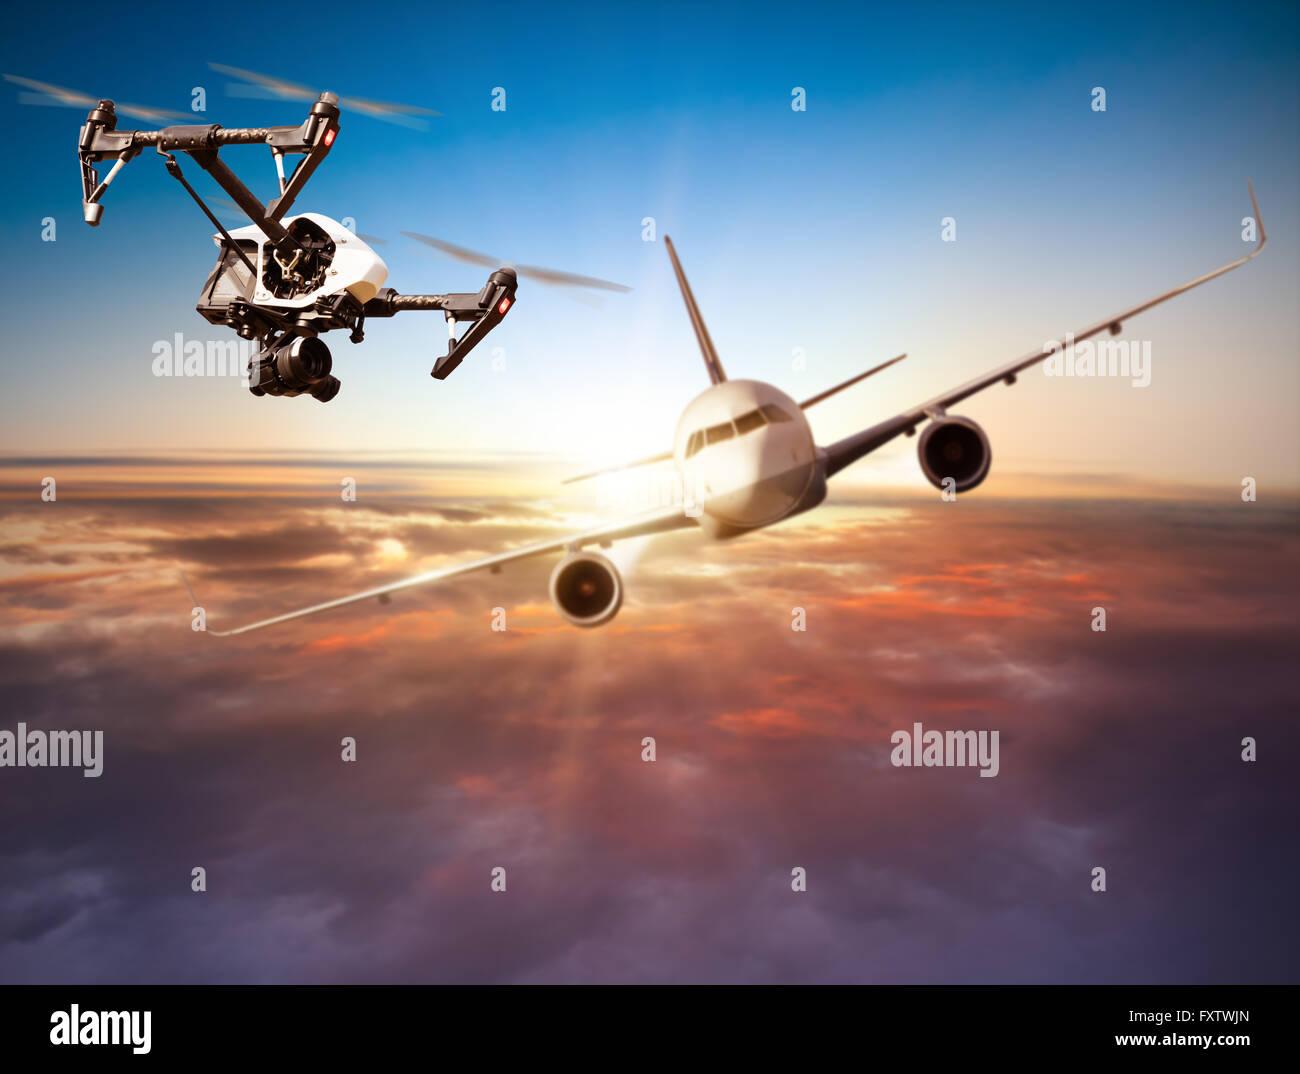 prix drone king jouet